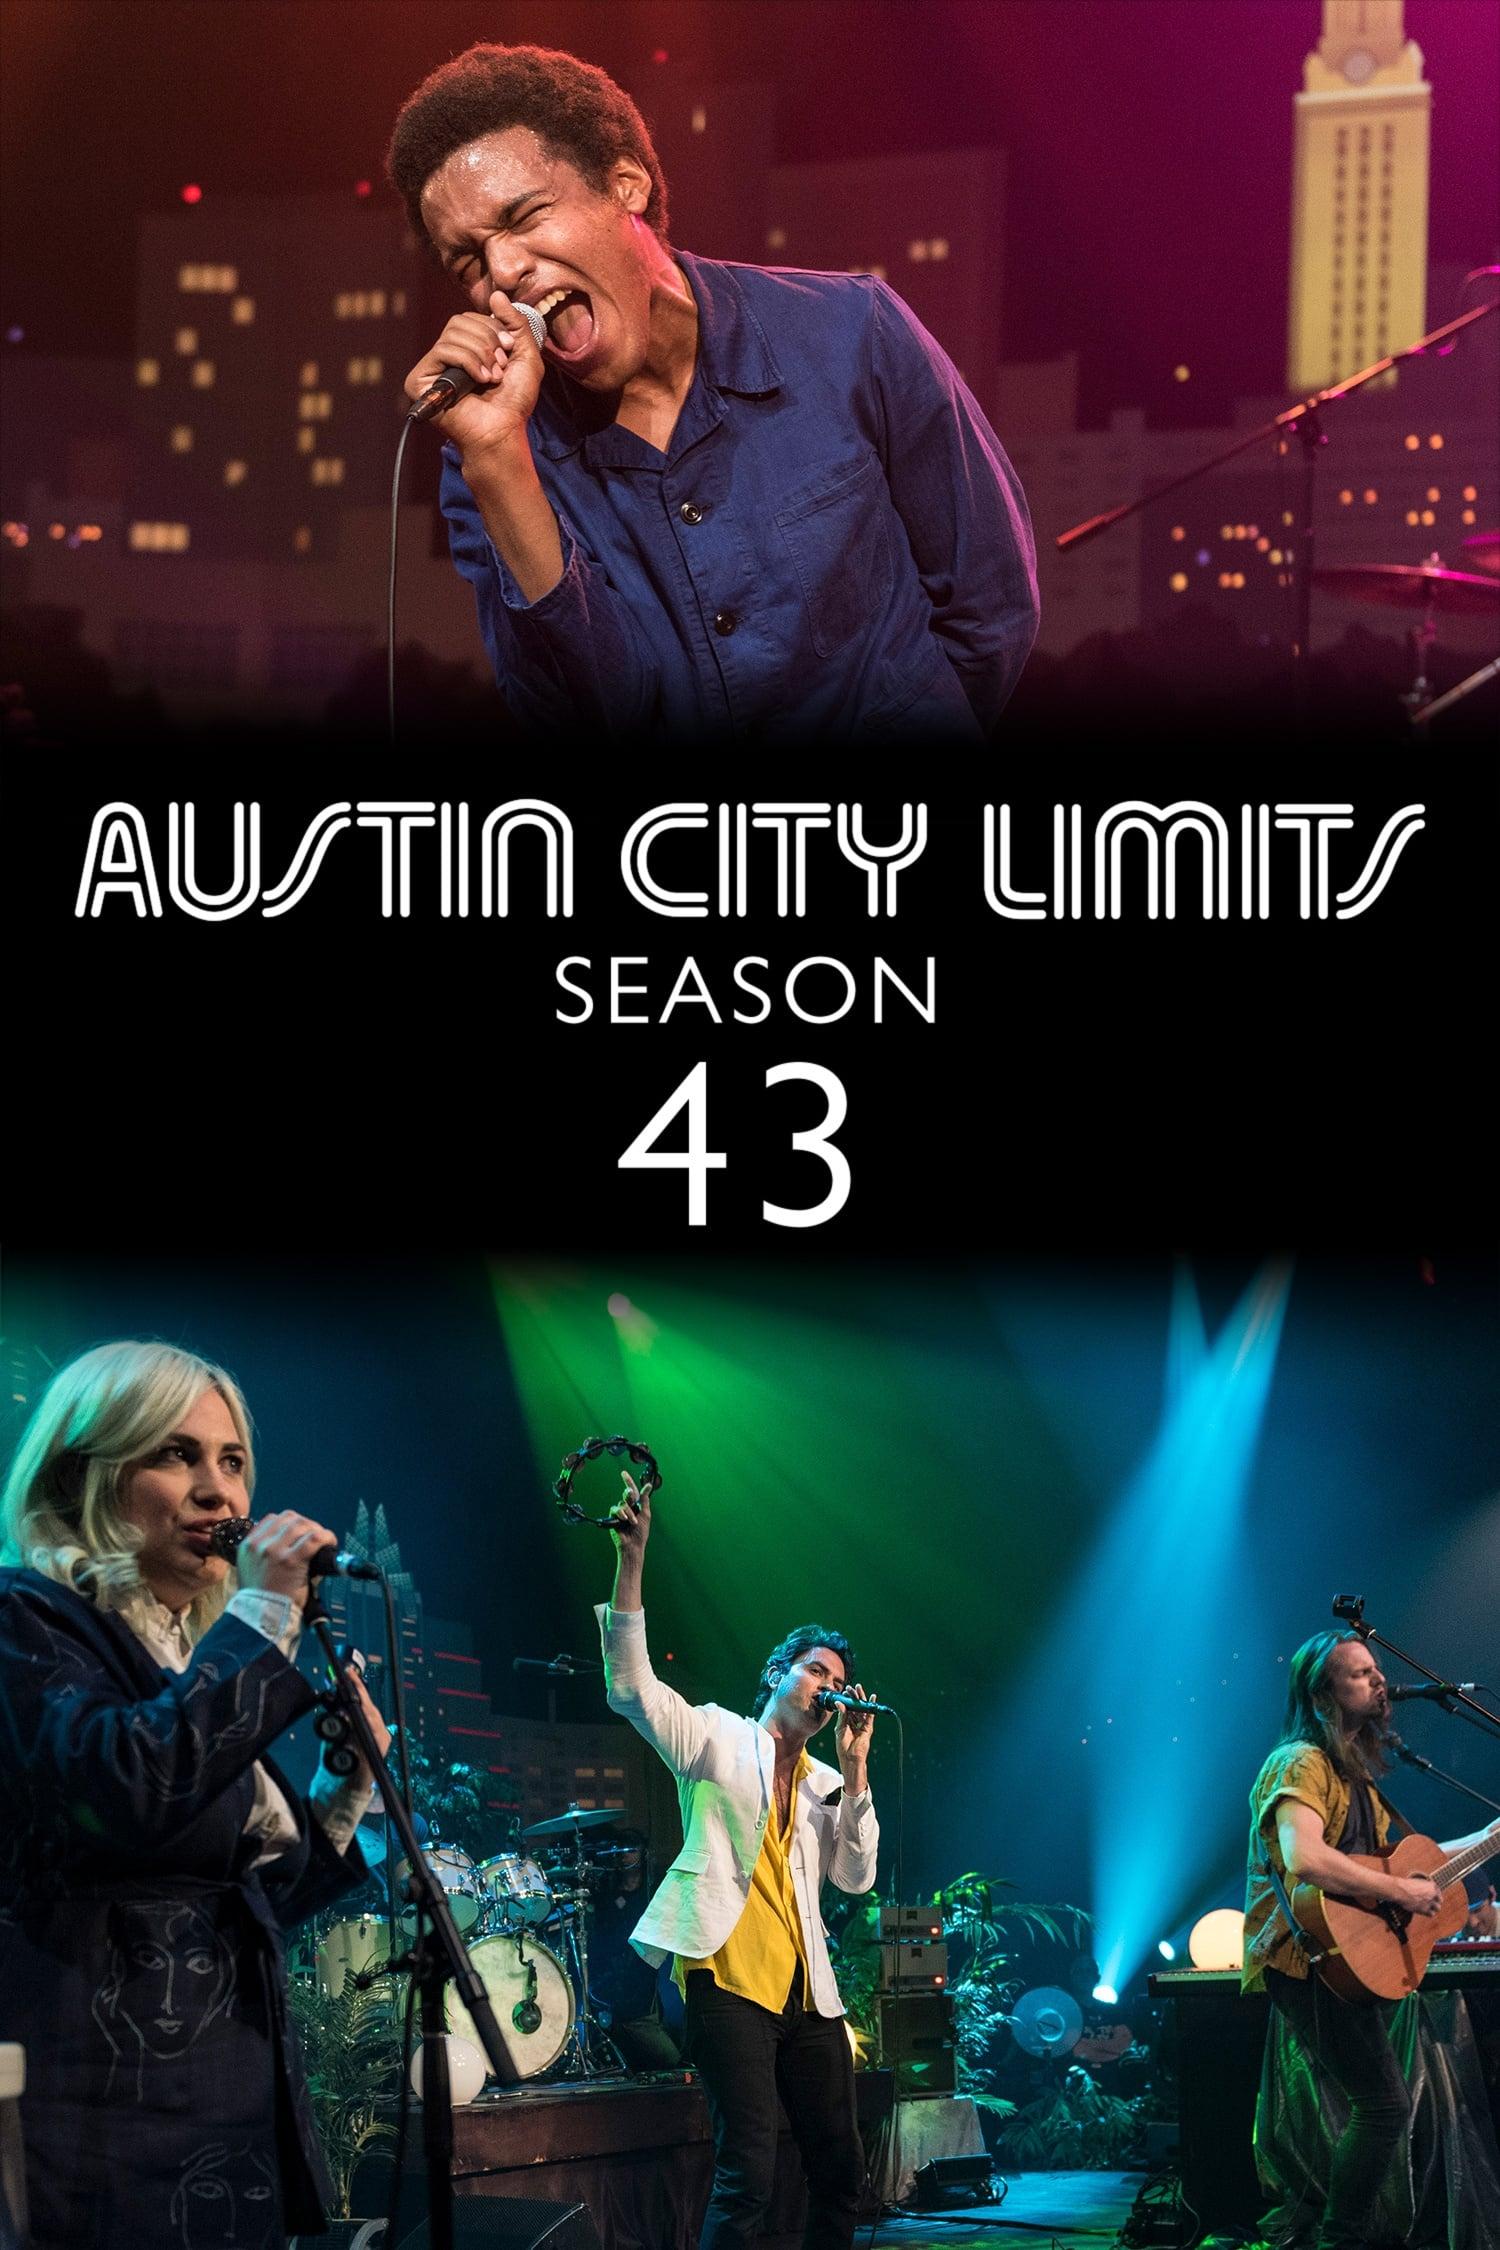 Austin City Limits Season 43